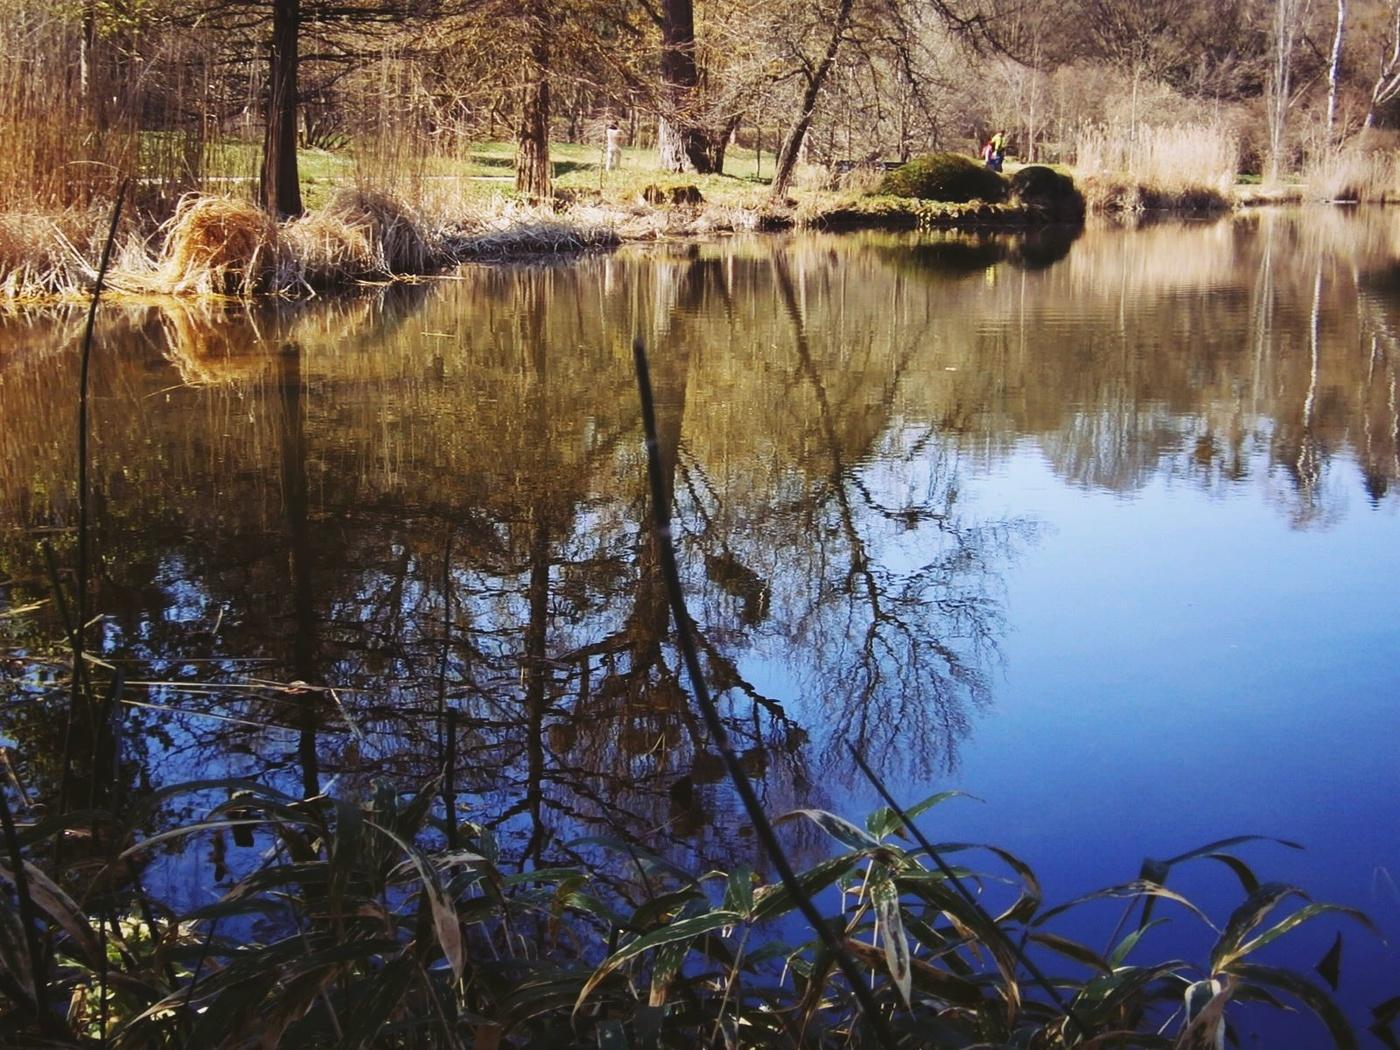 как фотографировать отражения в воде